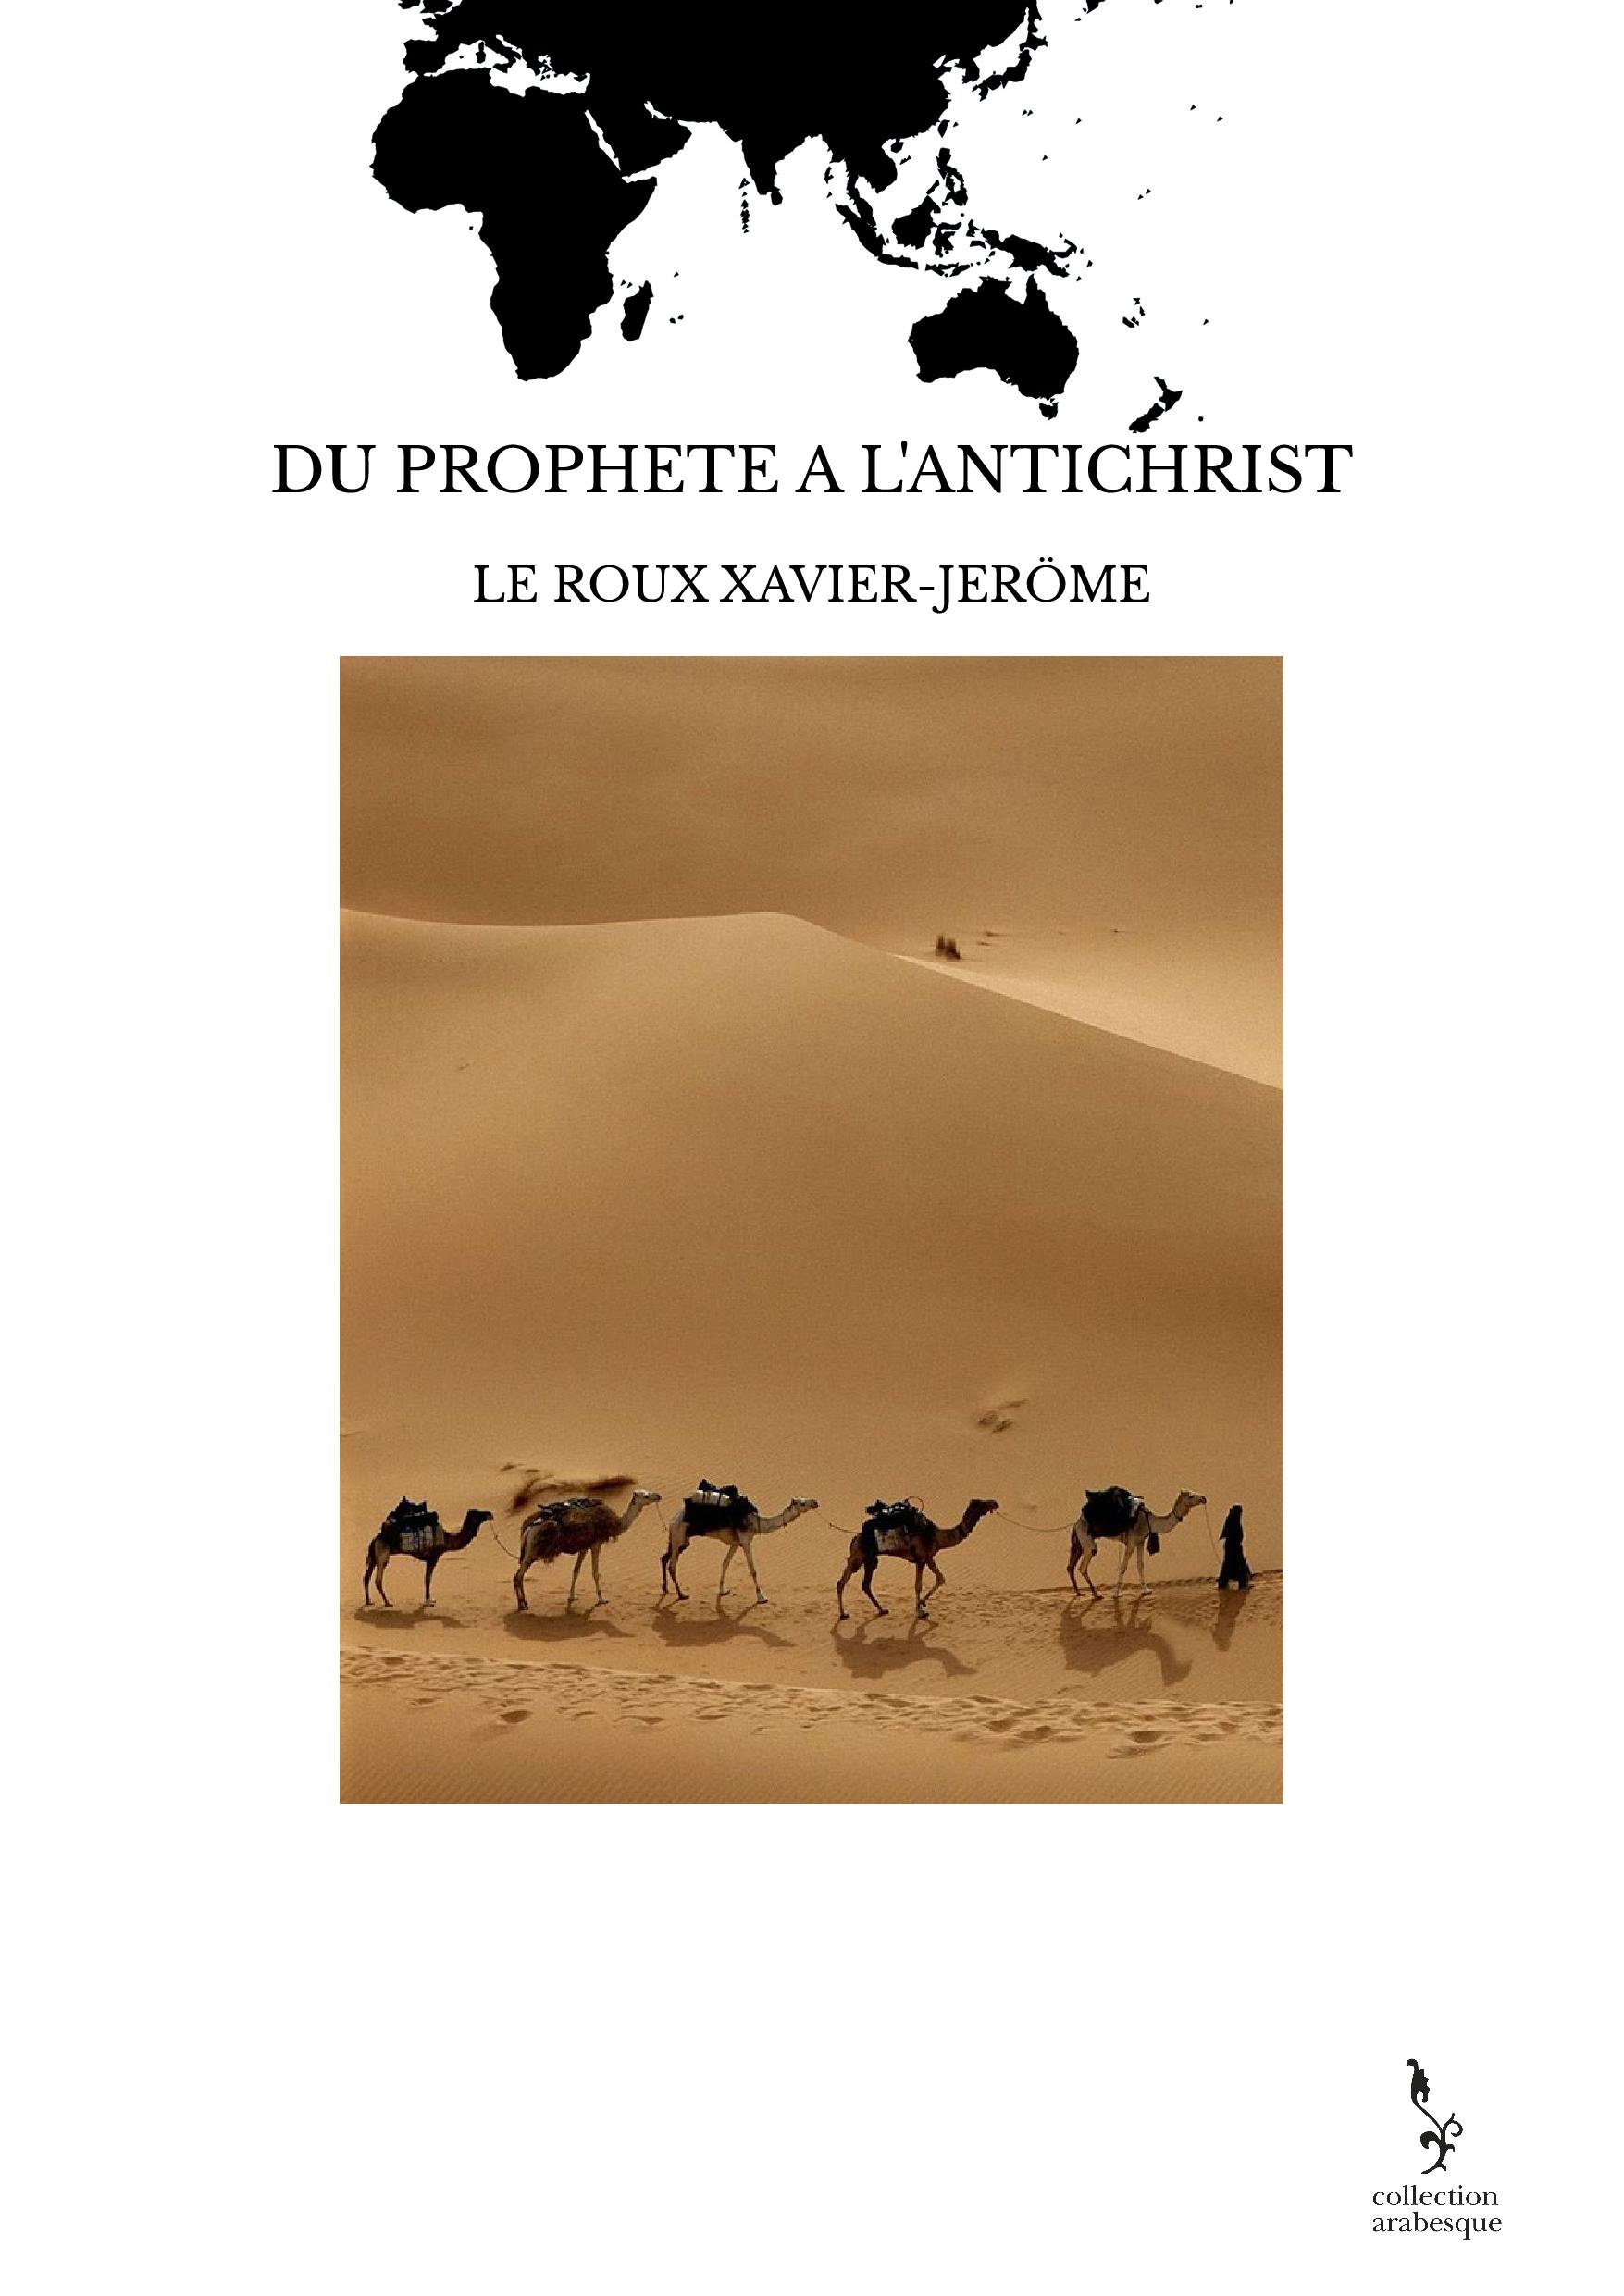 DU PROPHETE A L'ANTICHRIST